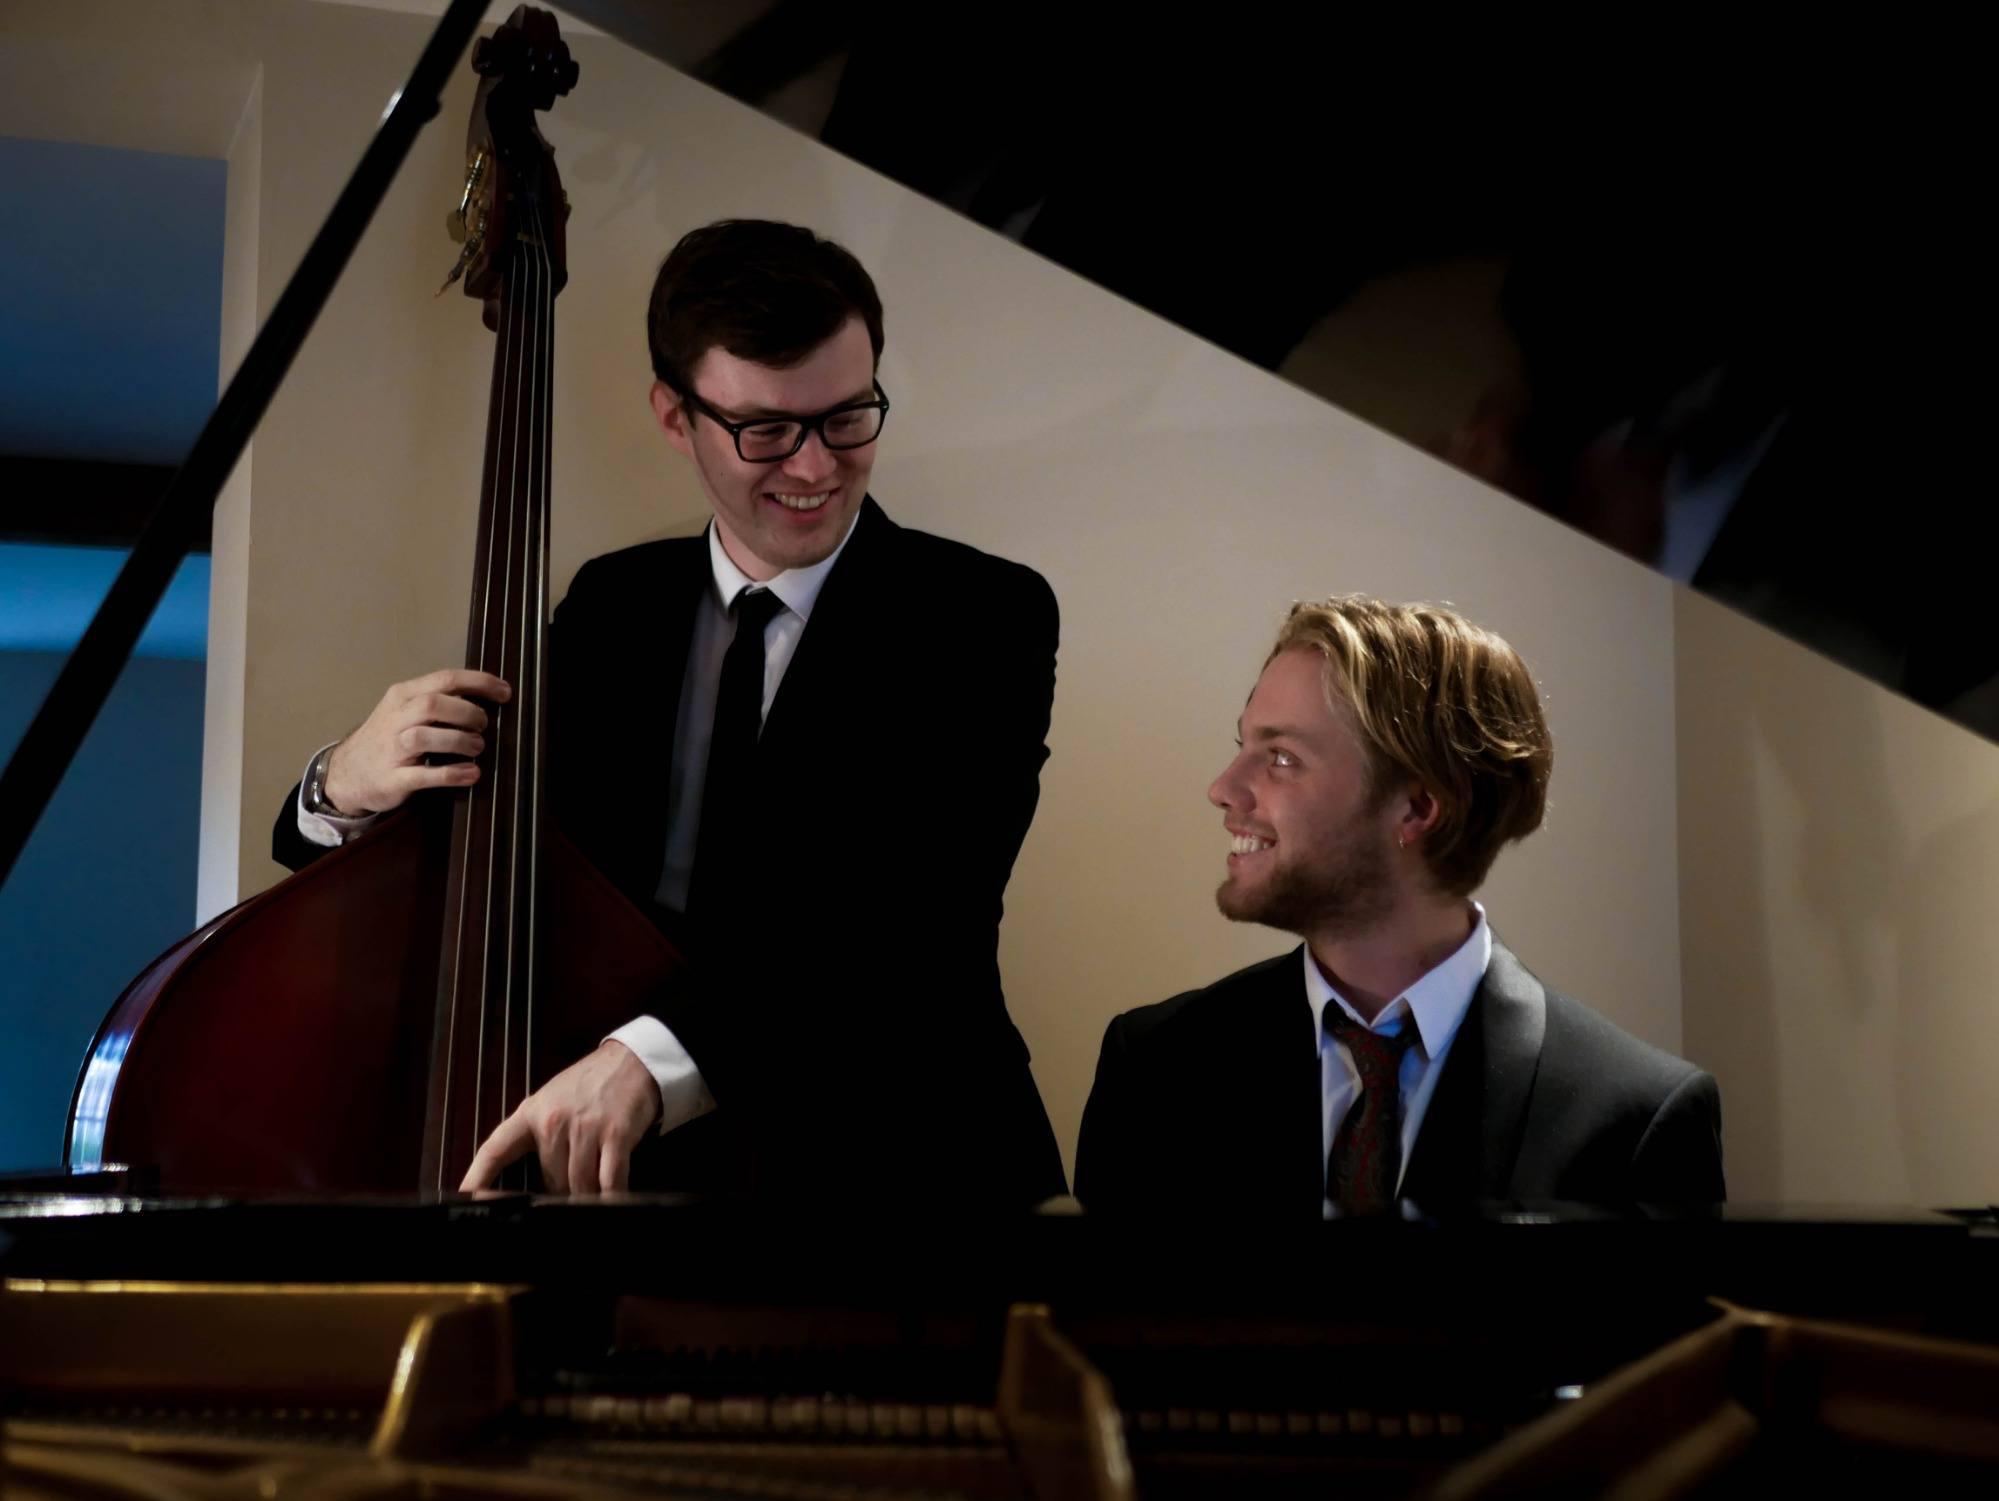 Promo Take Two Jazz Duo London